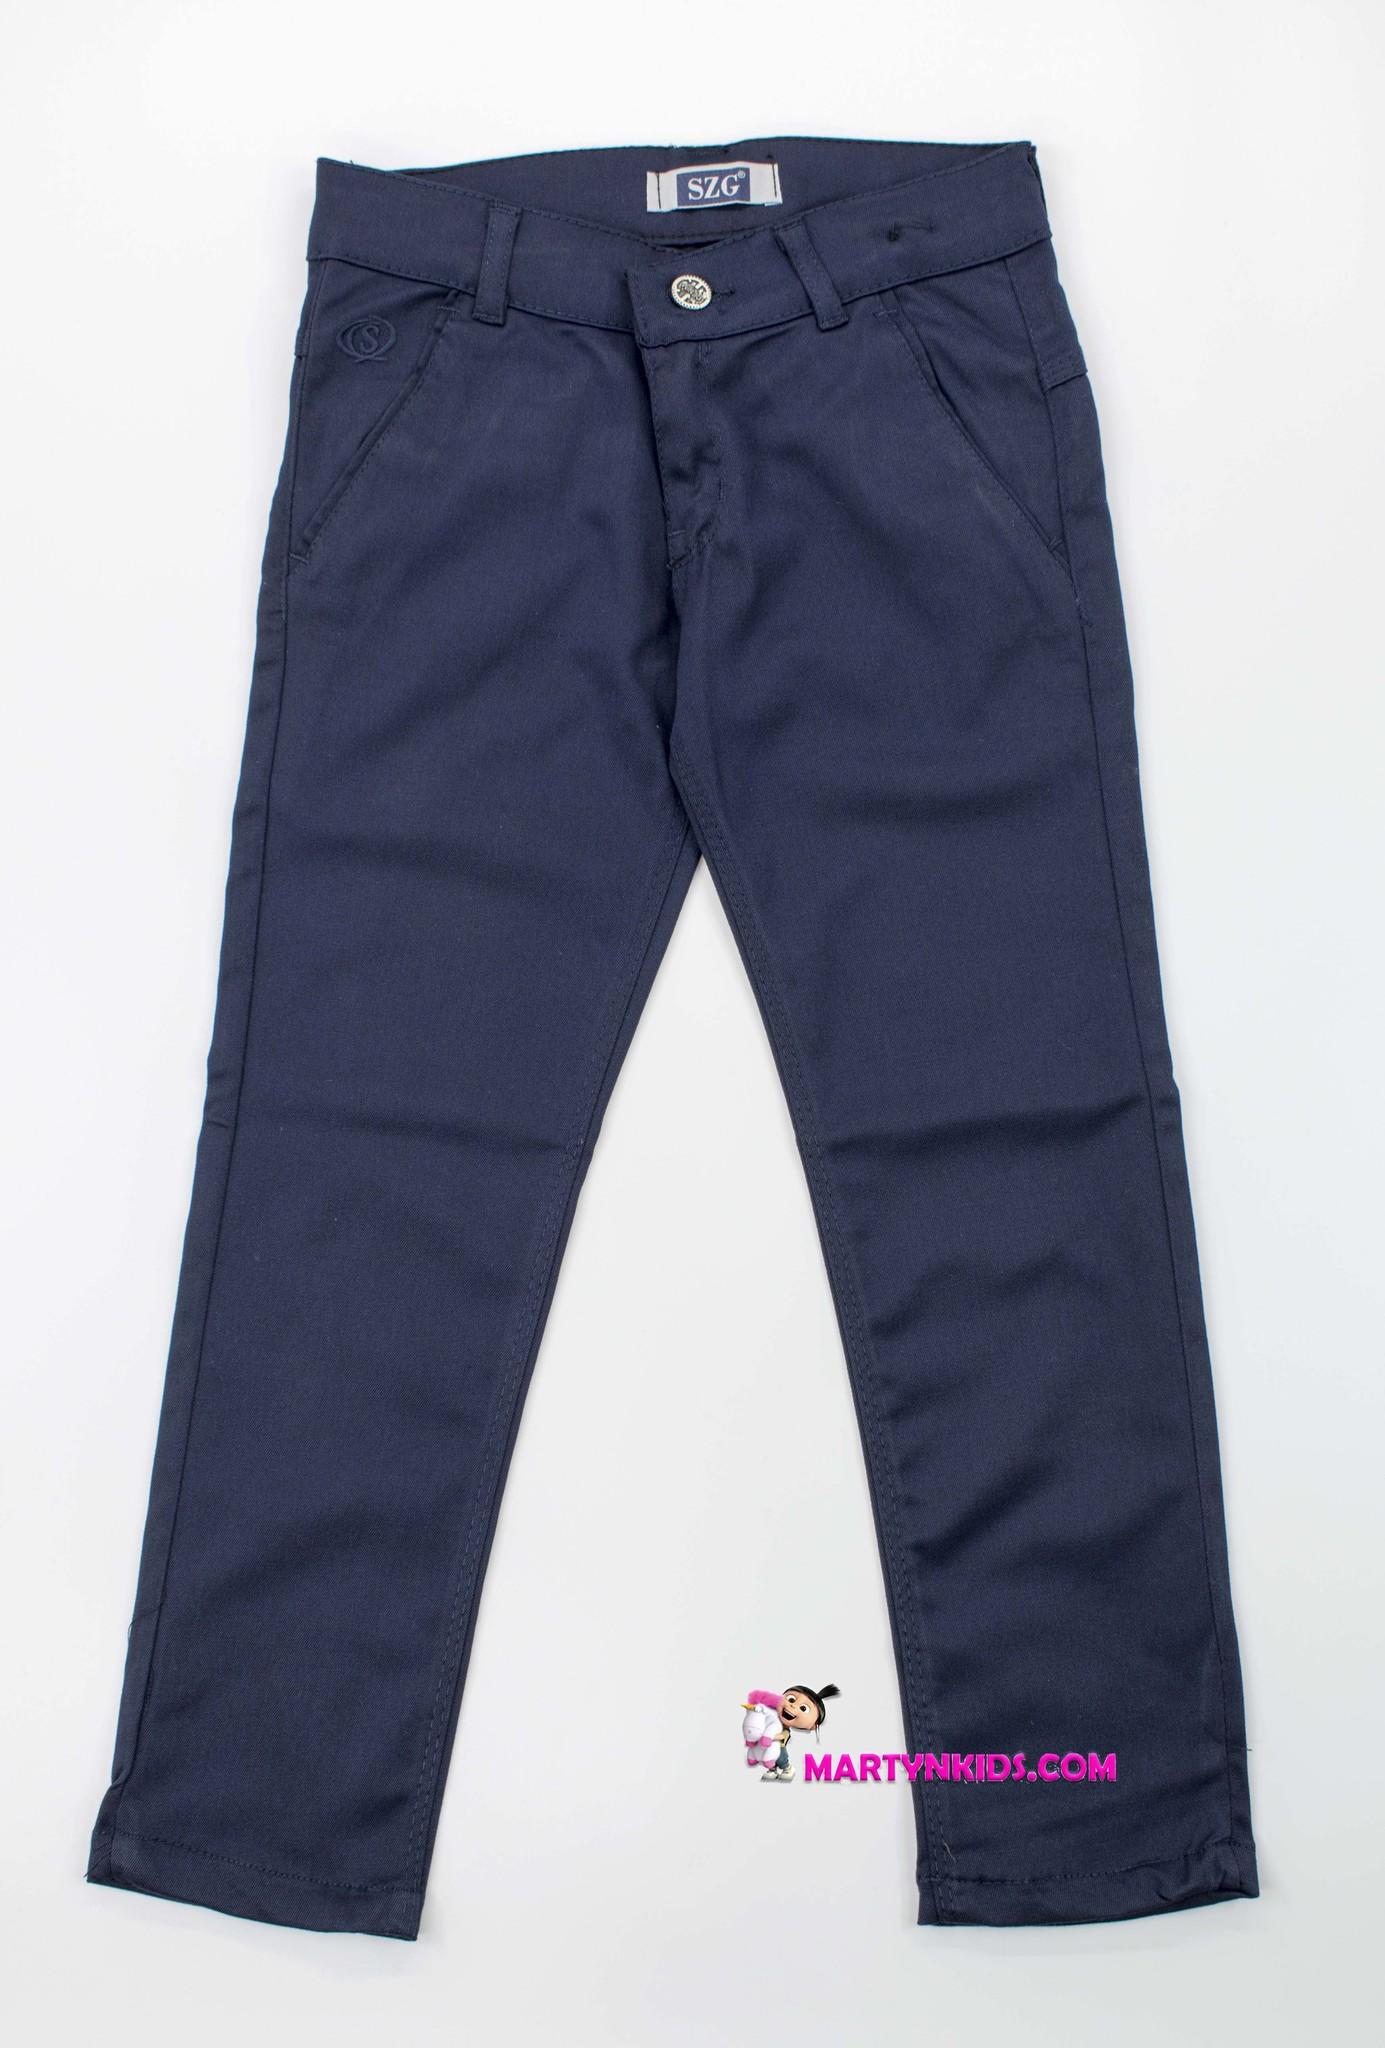 2709 джинсы-брюки школа подросток SZG